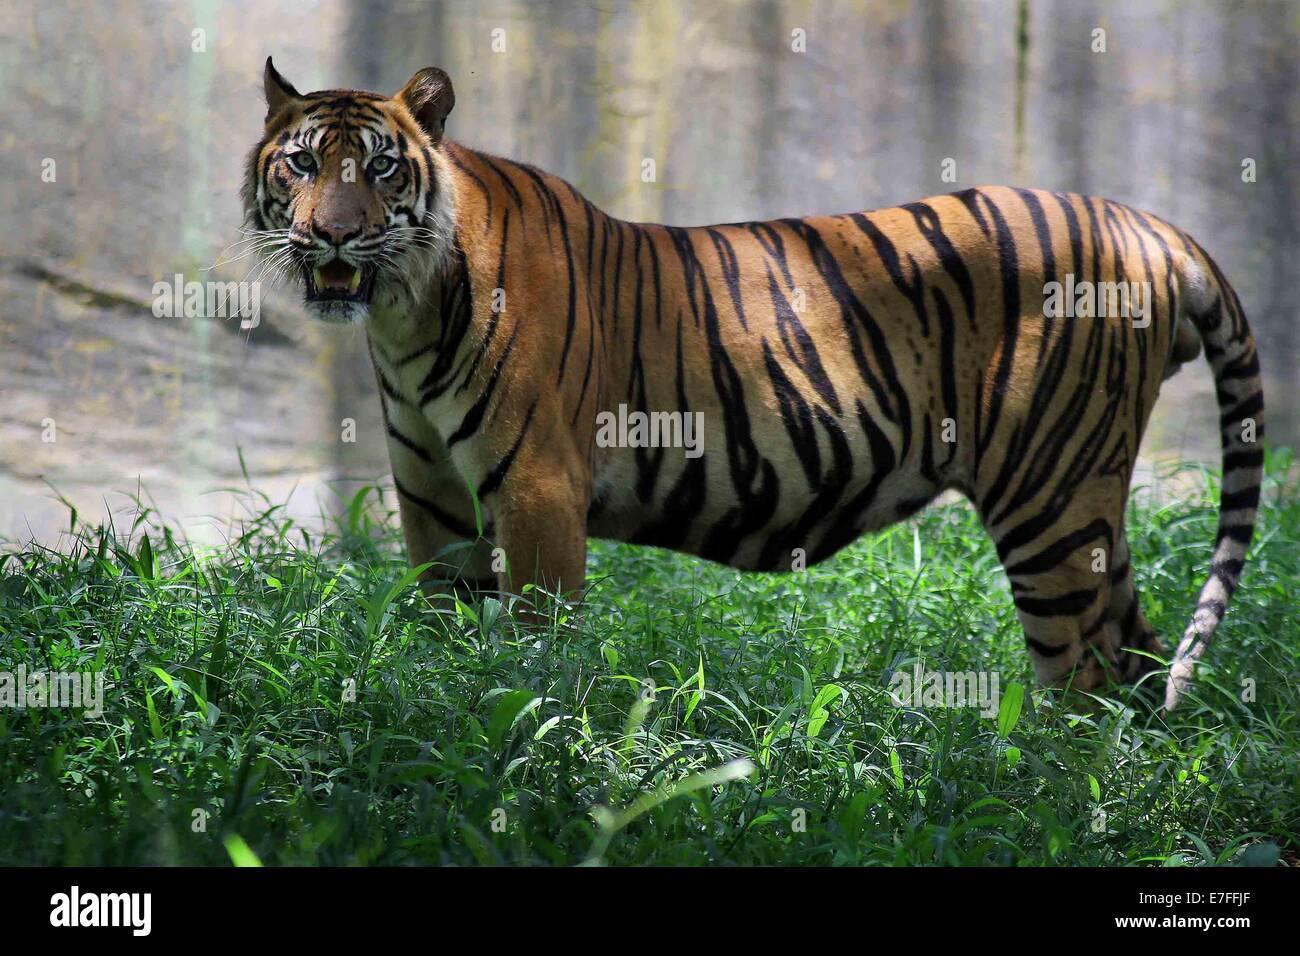 Bali Tiger Stock Photos Bali Tiger Stock Images Alamy